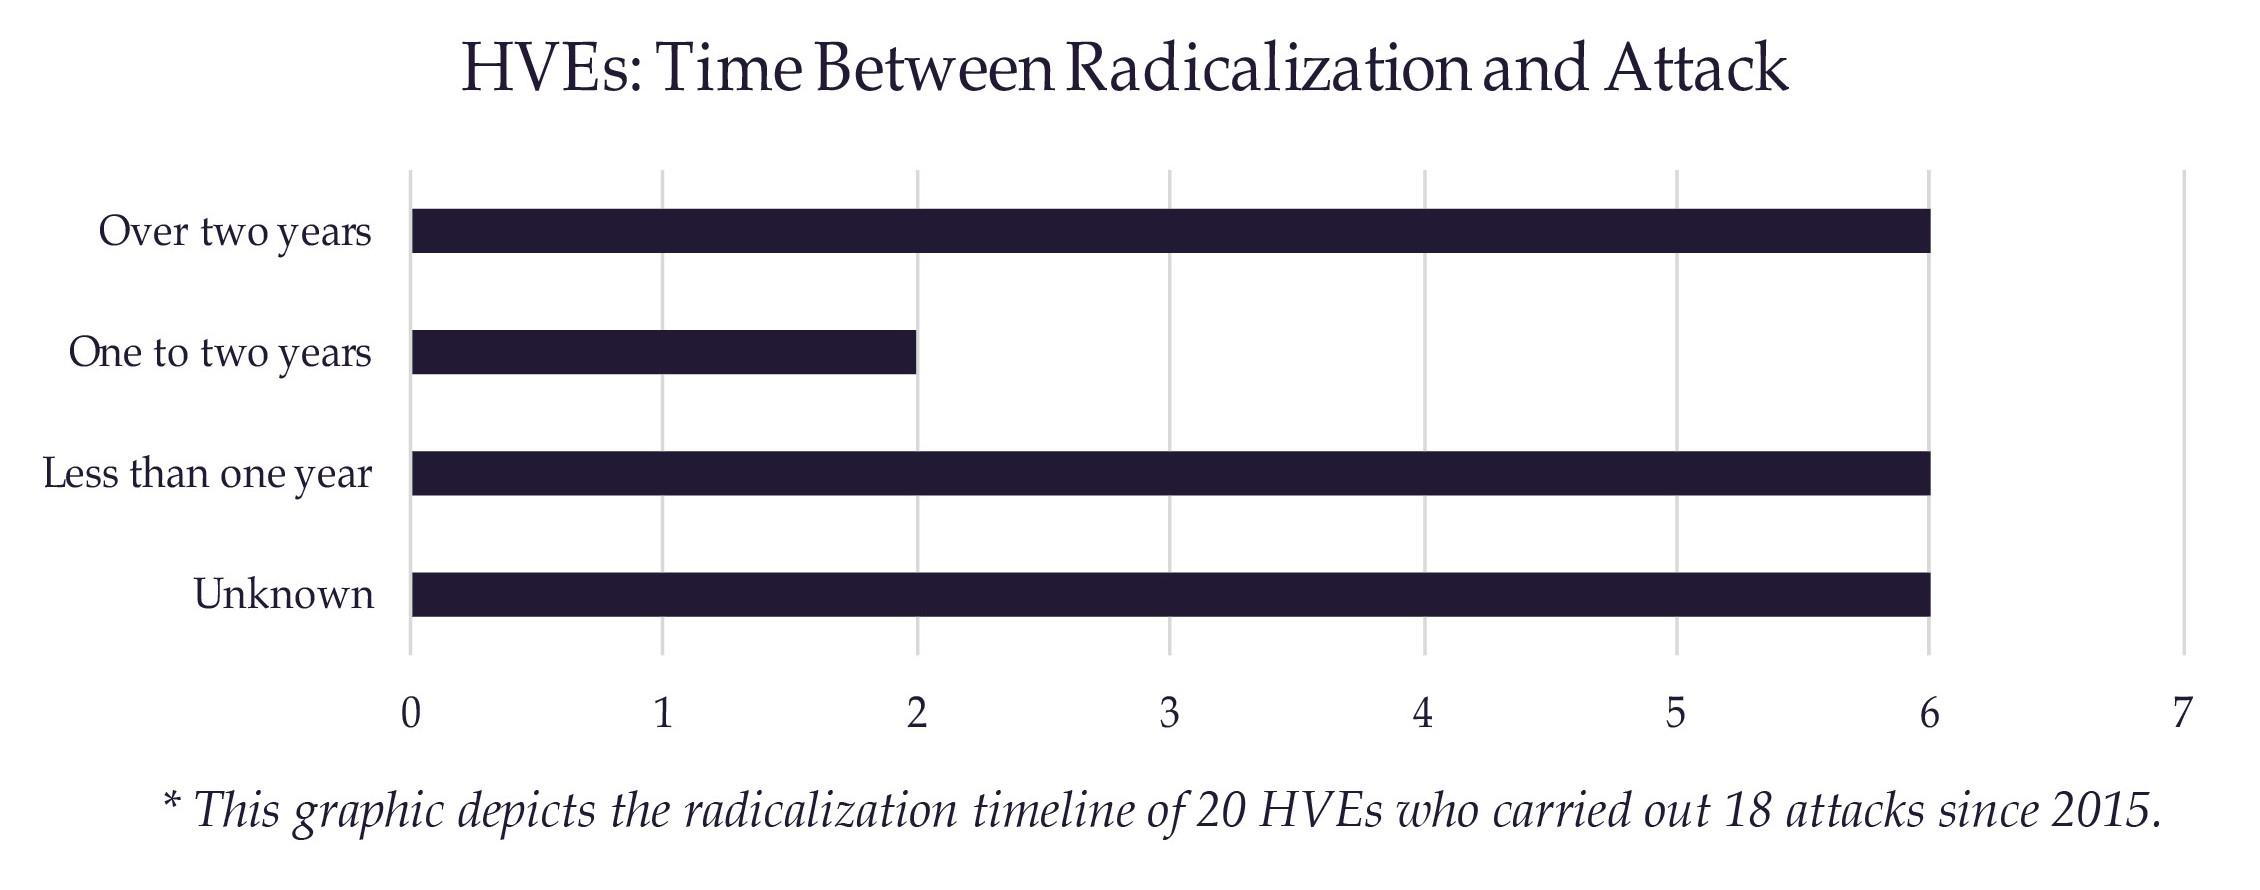 HVEs: Radicalization Timeline and Trends